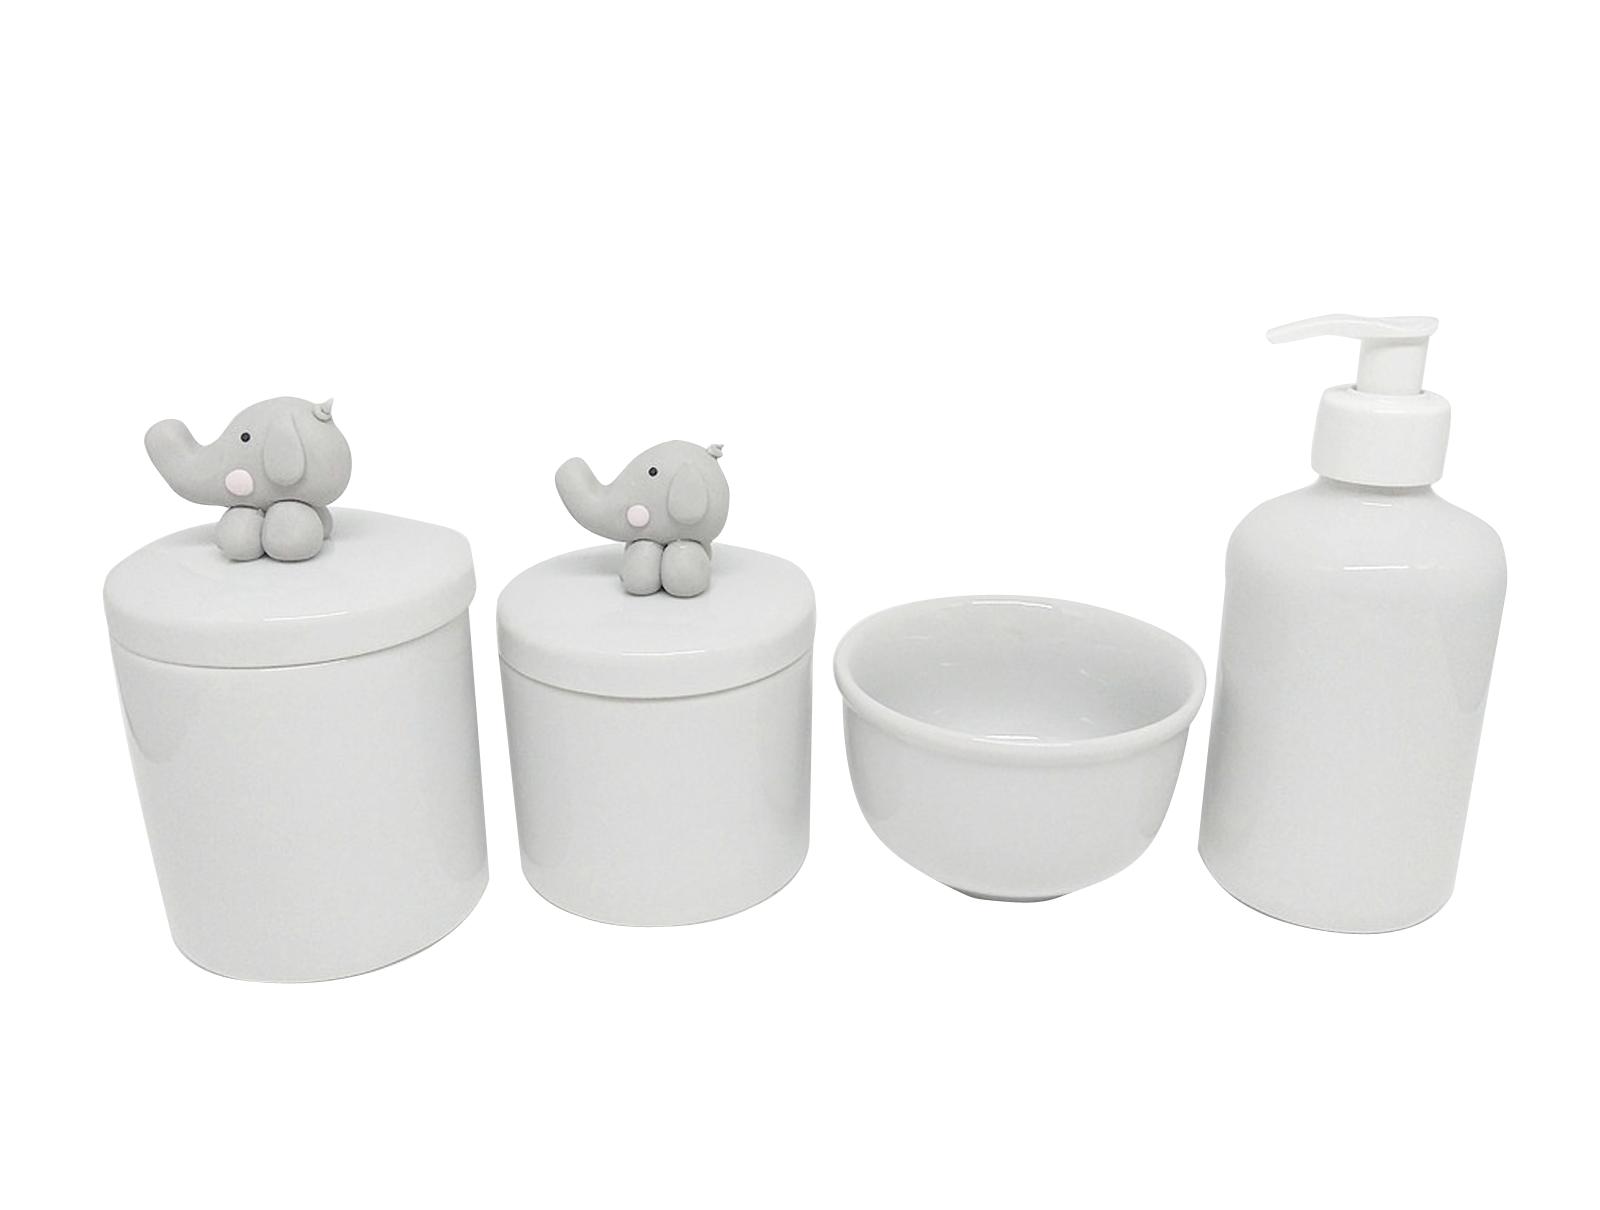 Kit Higiene Bebê Porcelana  Elefante Cinza em Biscuit  4 Peças